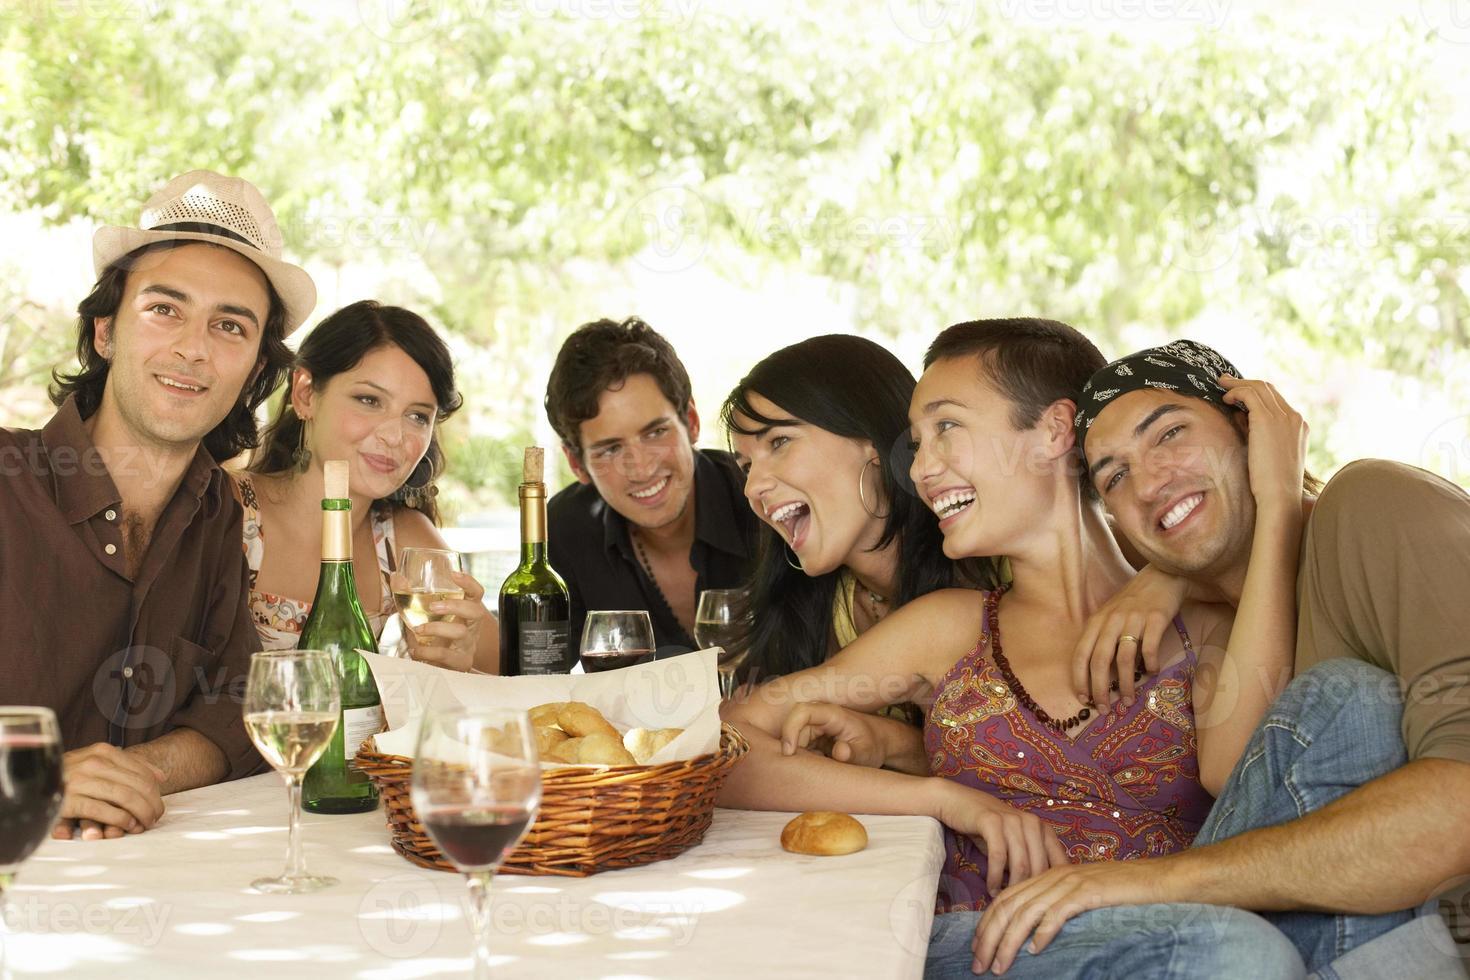 amigos con bebidas y canasta de pan en la mesa disfrutando de la fiesta foto